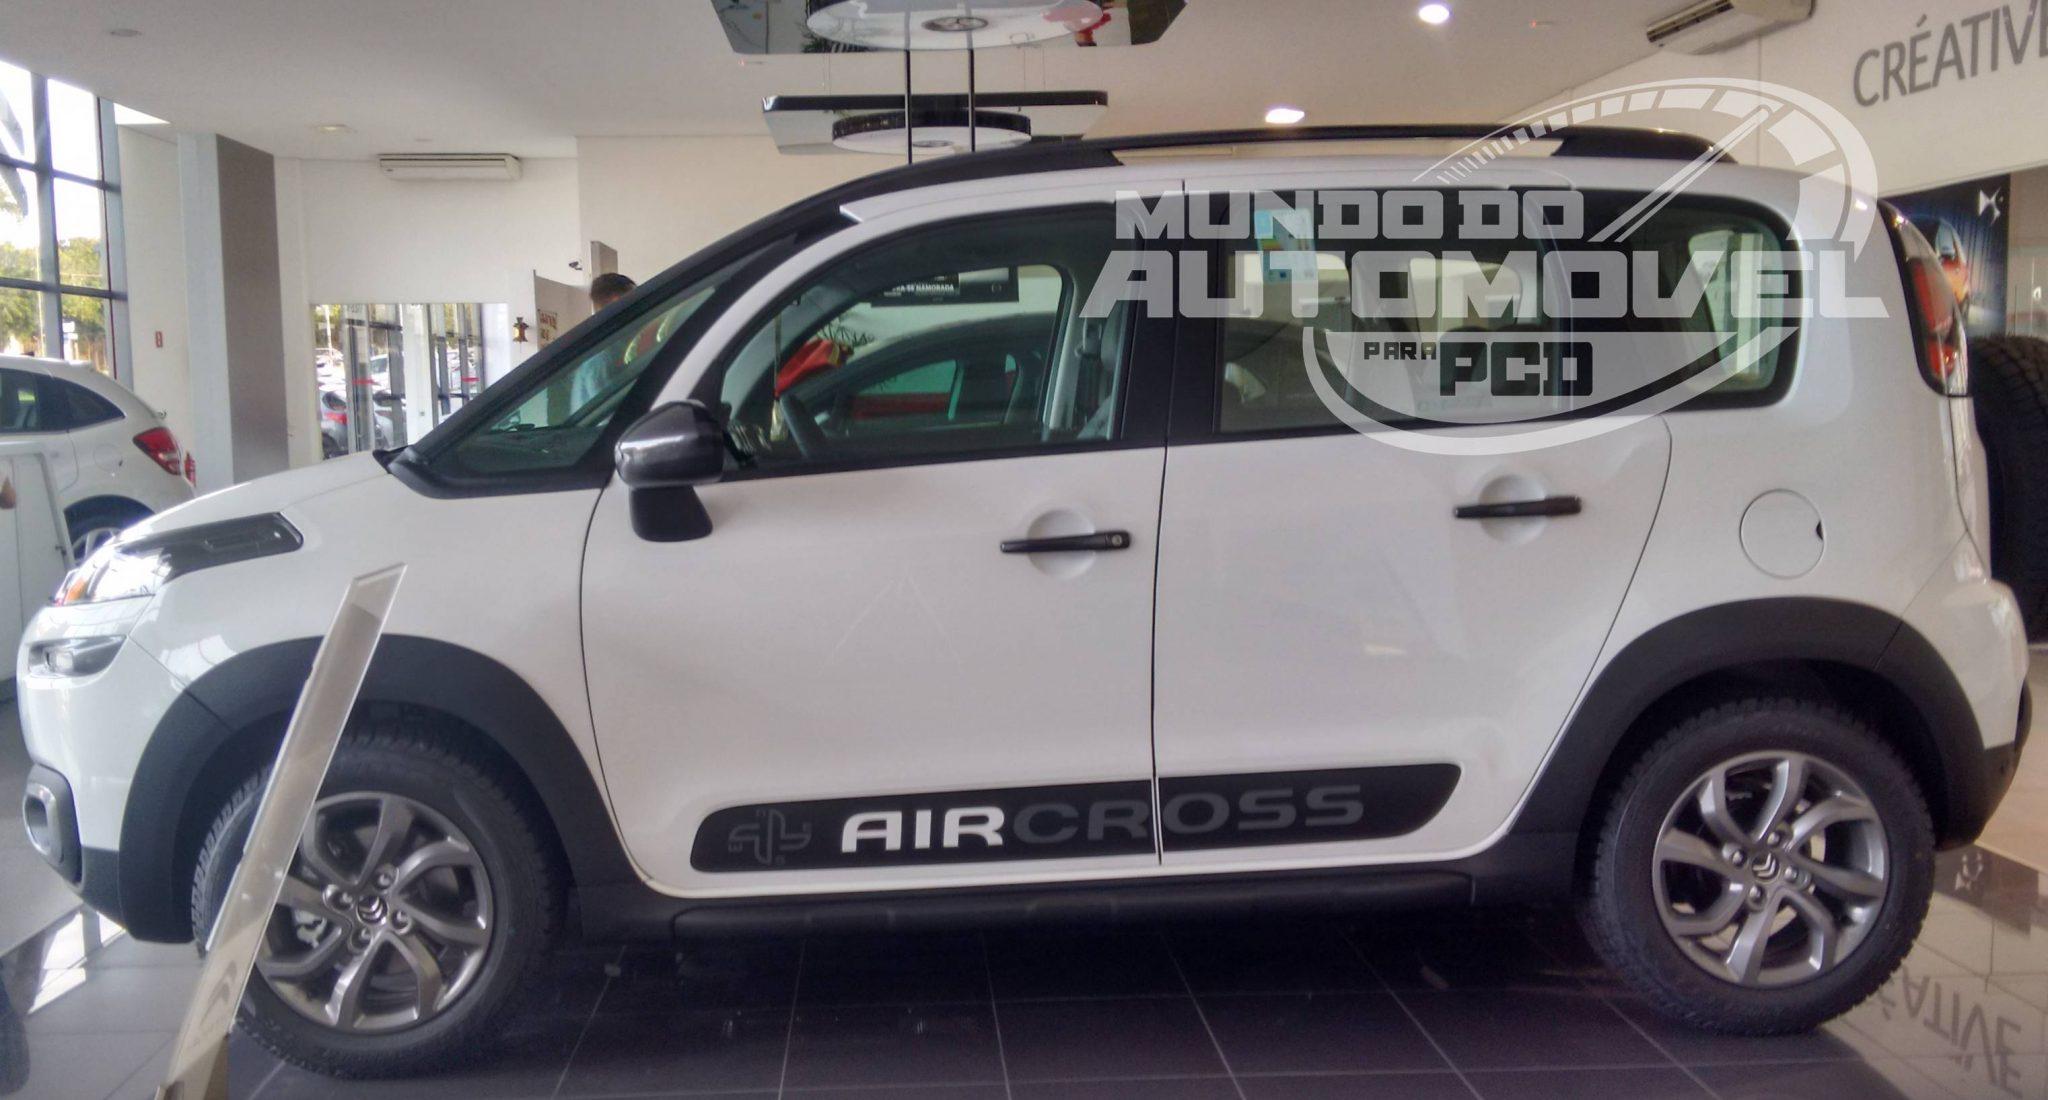 aircross 1 6 auto shine business vers o exclusiva pcd mundo do rh mundodoautomovelparapcd com br